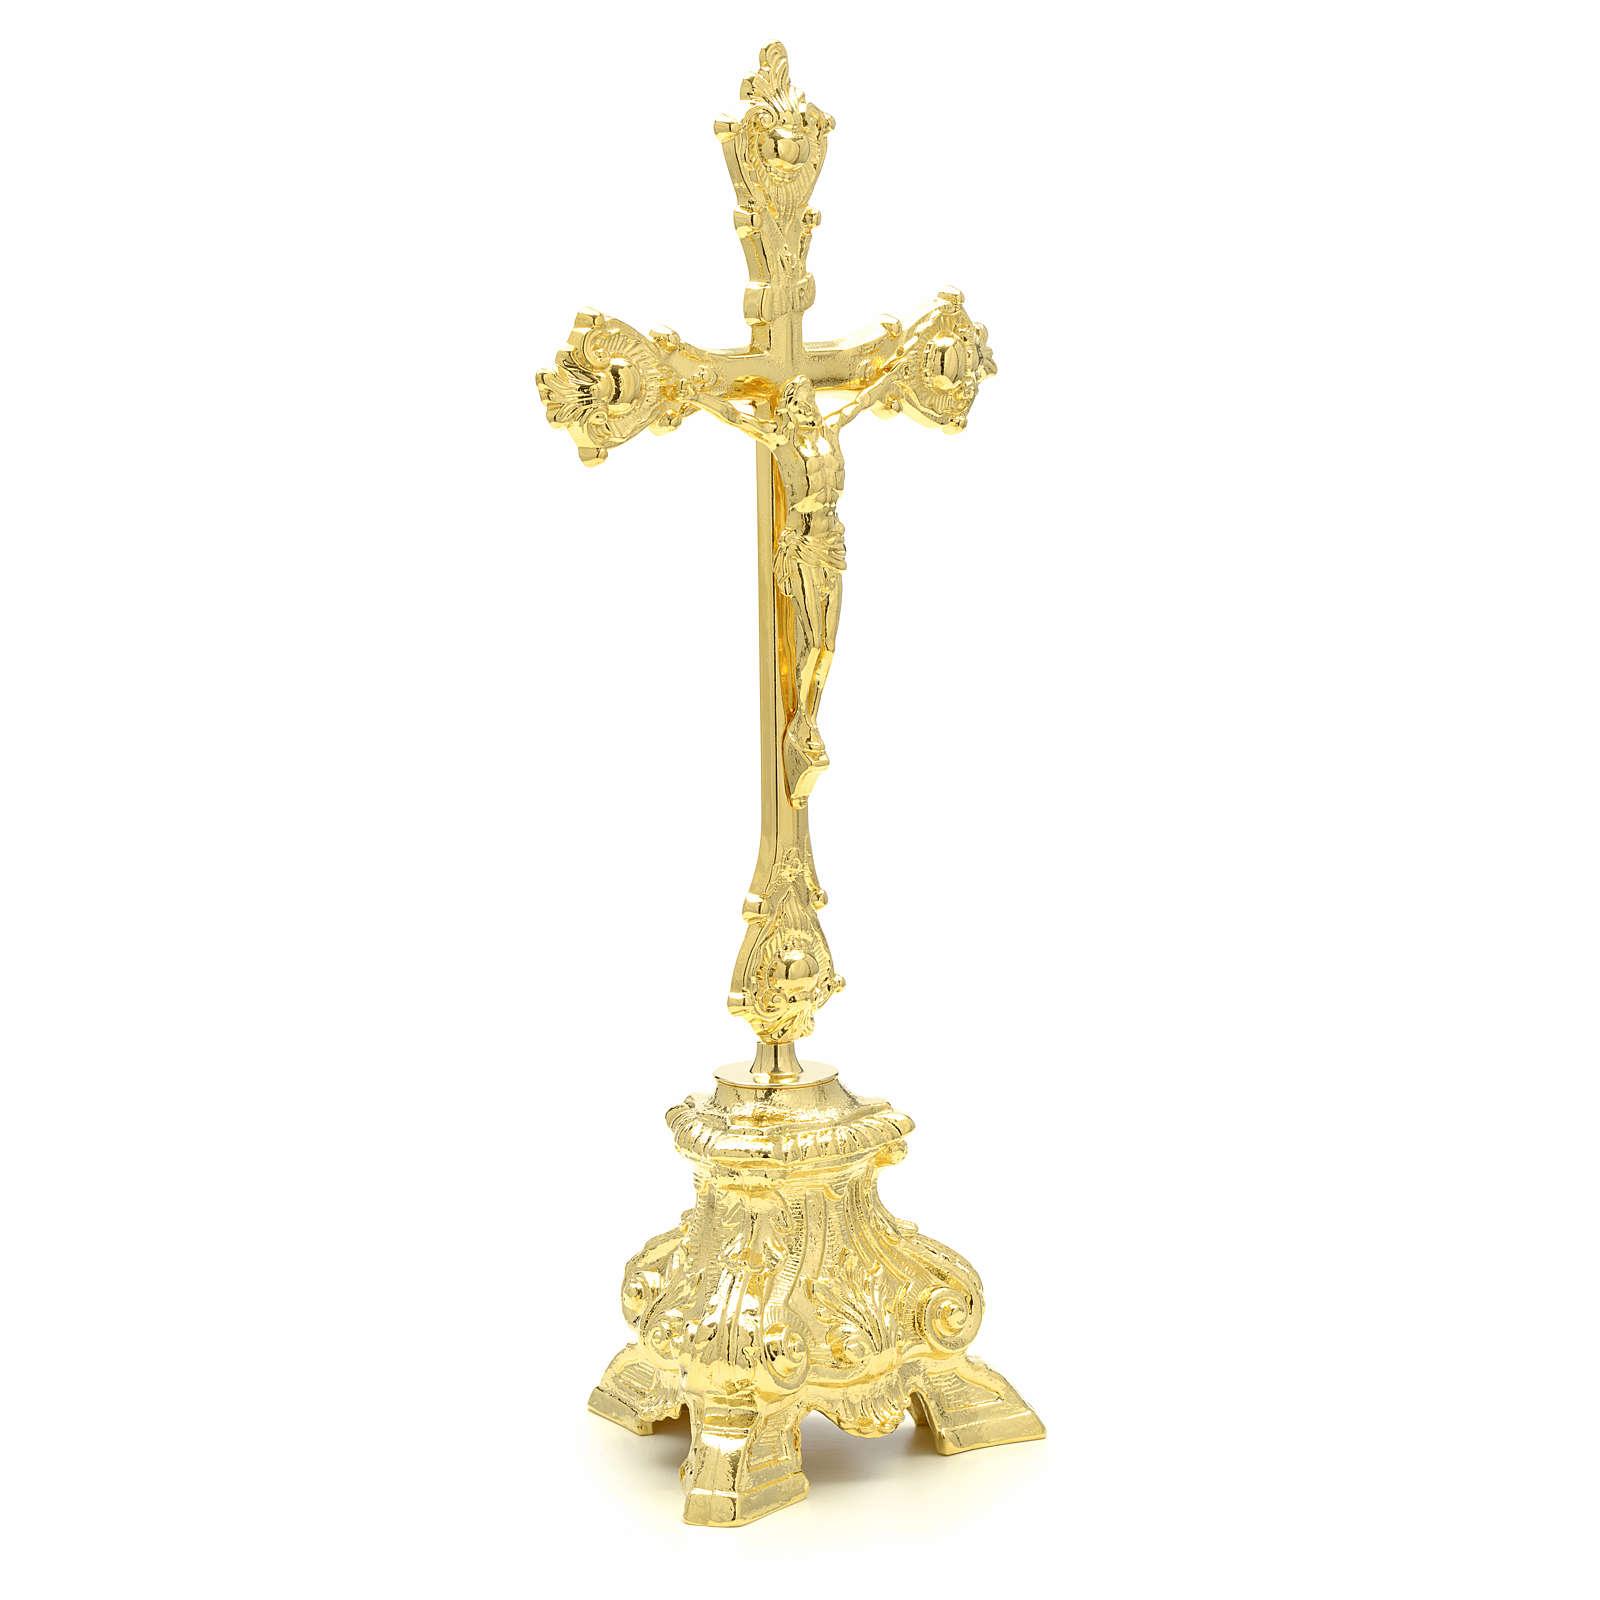 Completo para altar con decoraciones 4